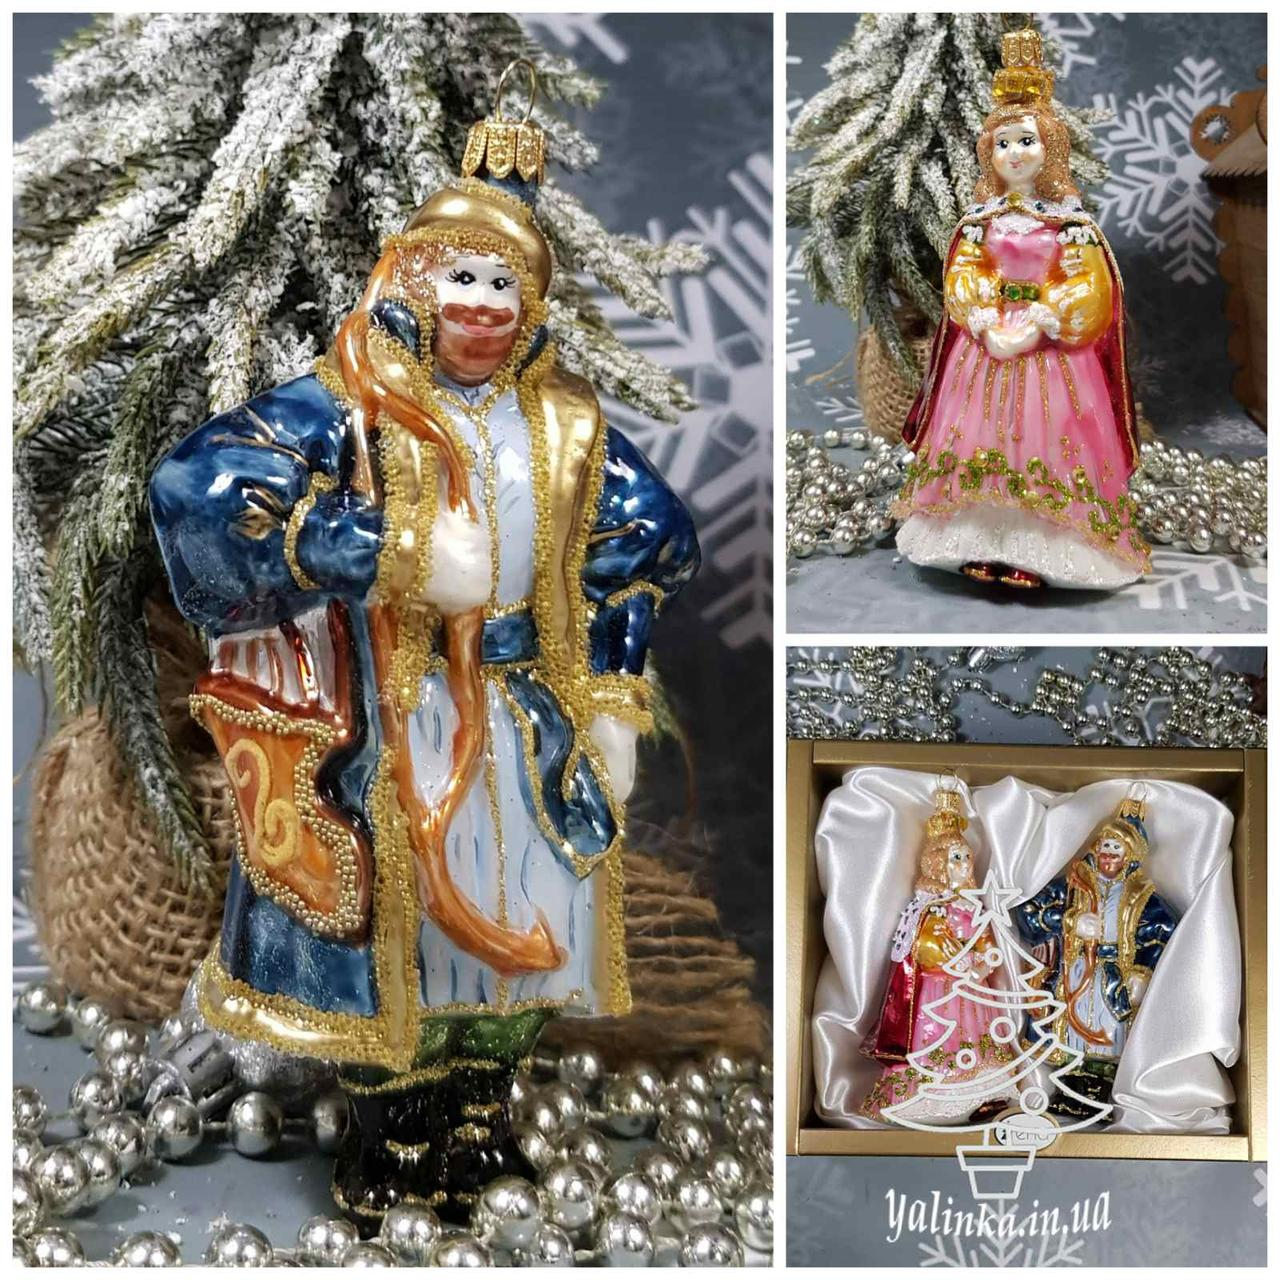 Irena co набір іграшок царевич і царівна